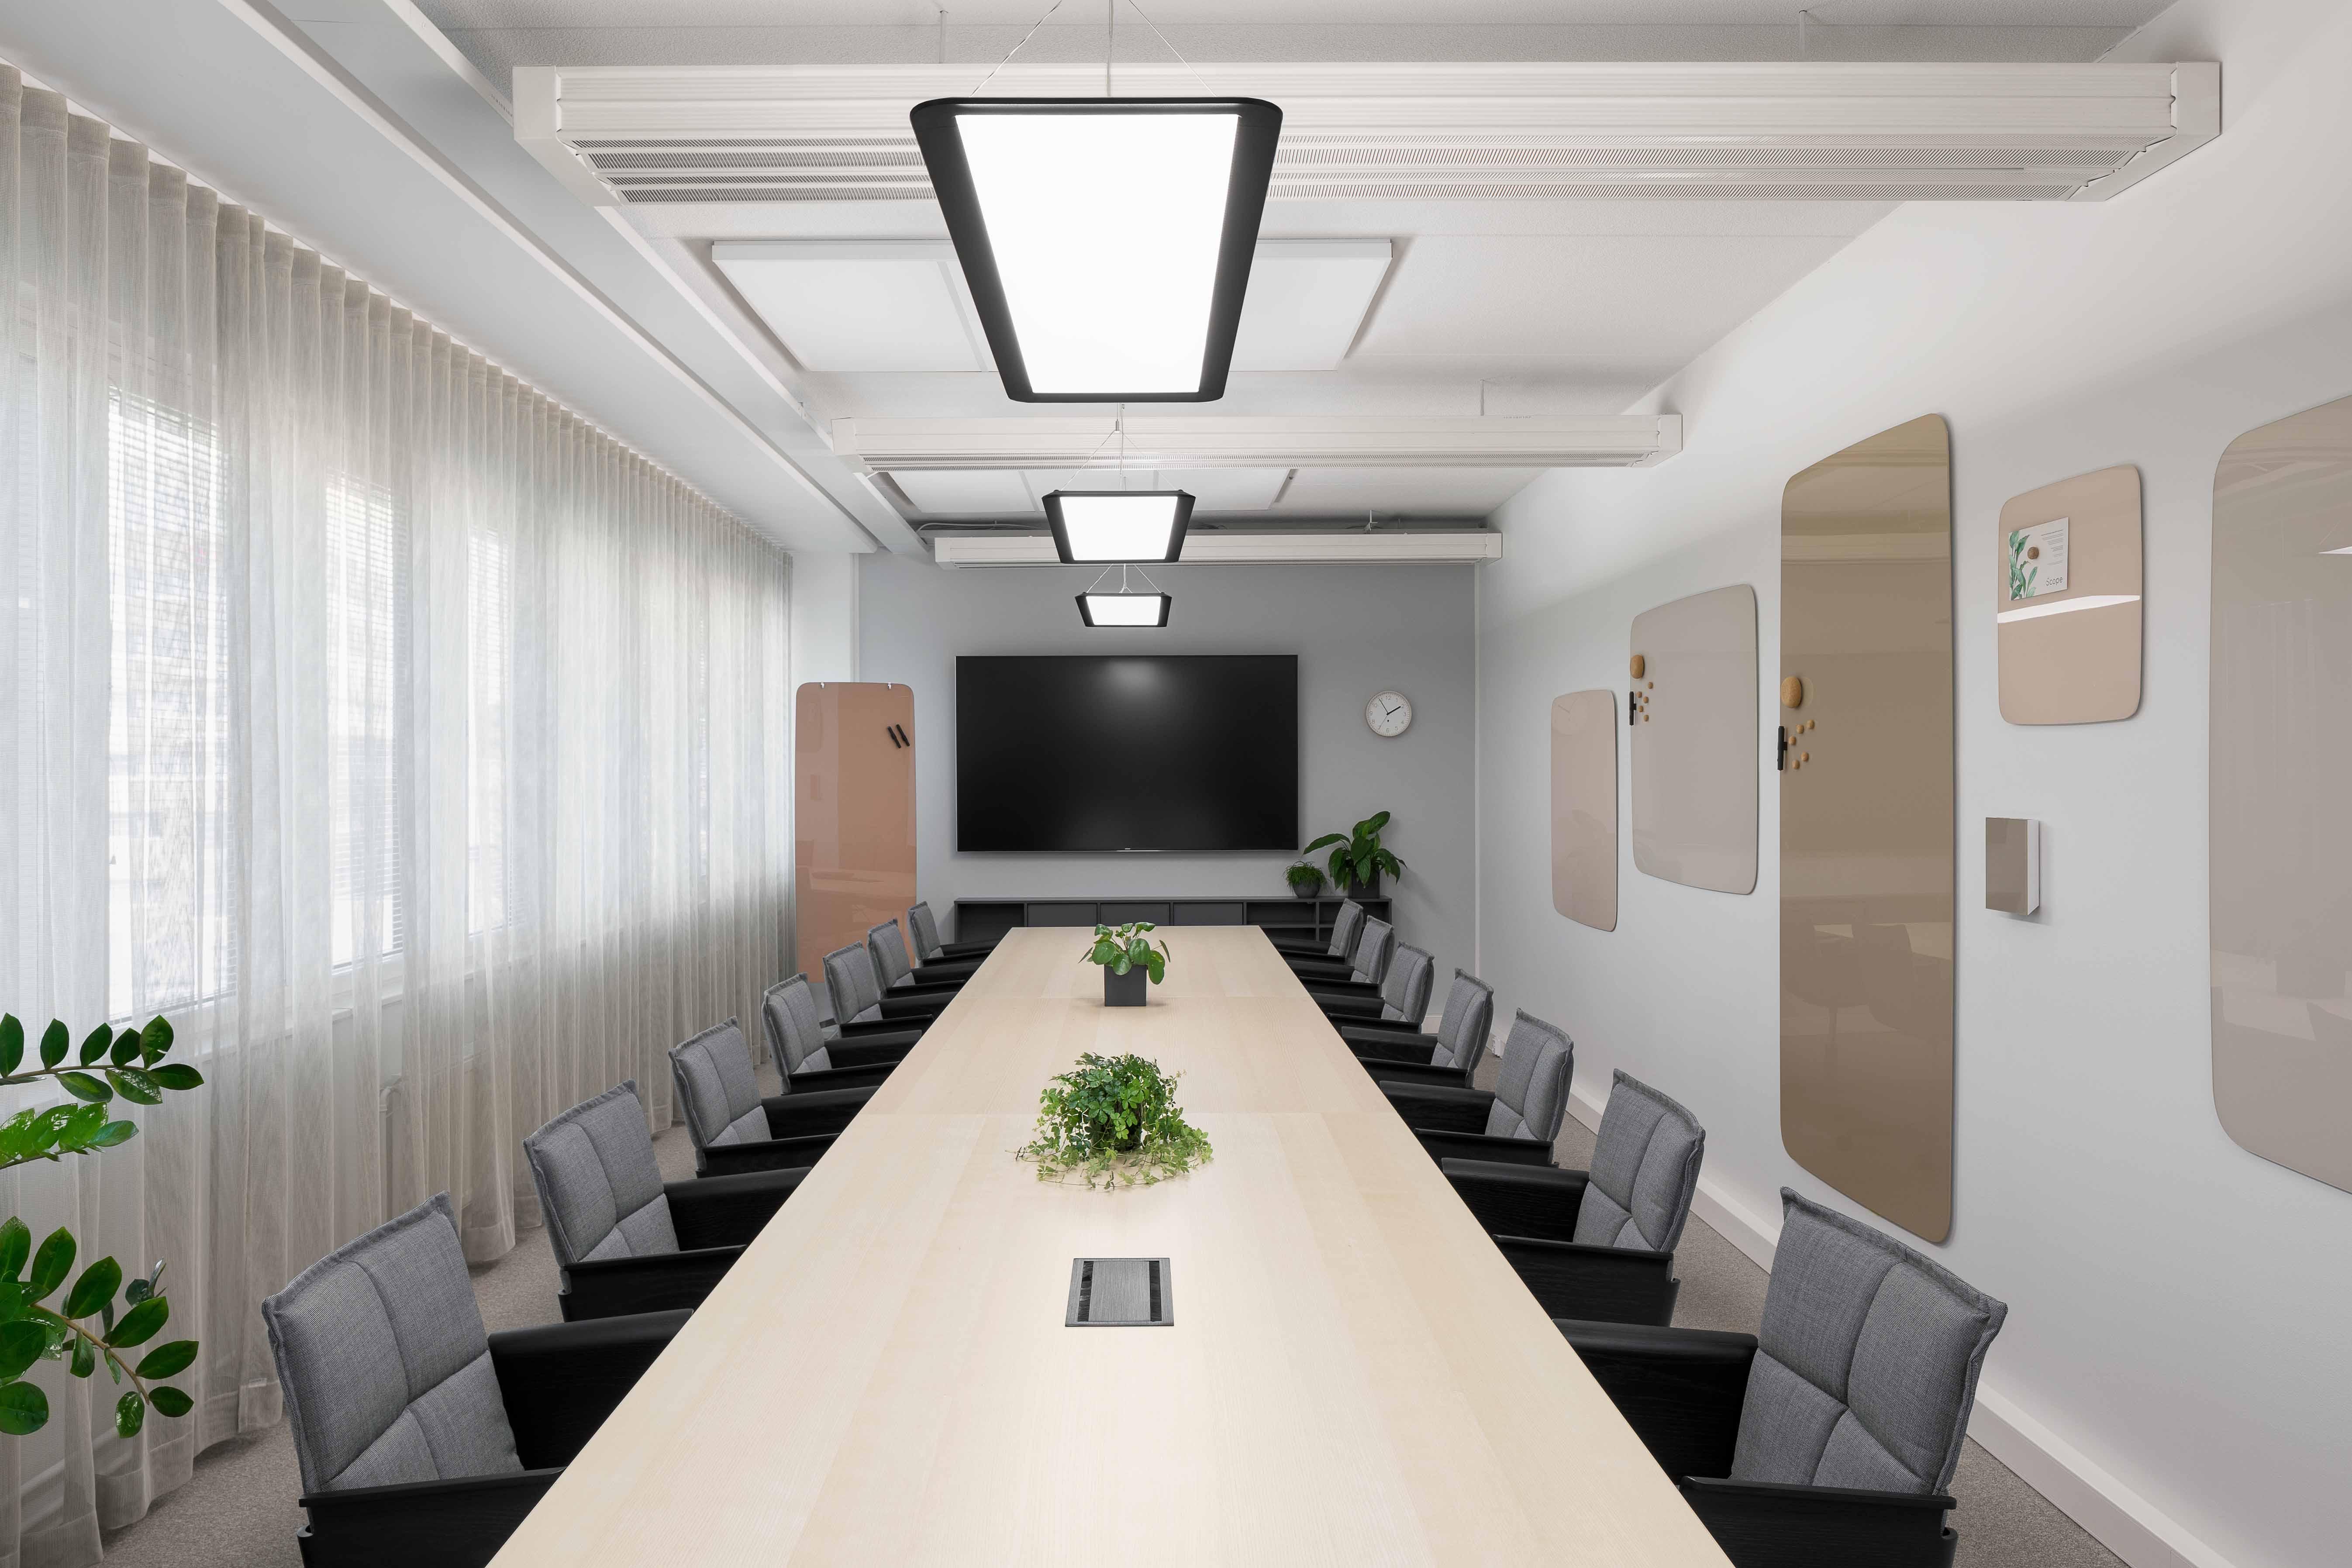 Sumitomo neuvotteluhuone 2 - Scope Design